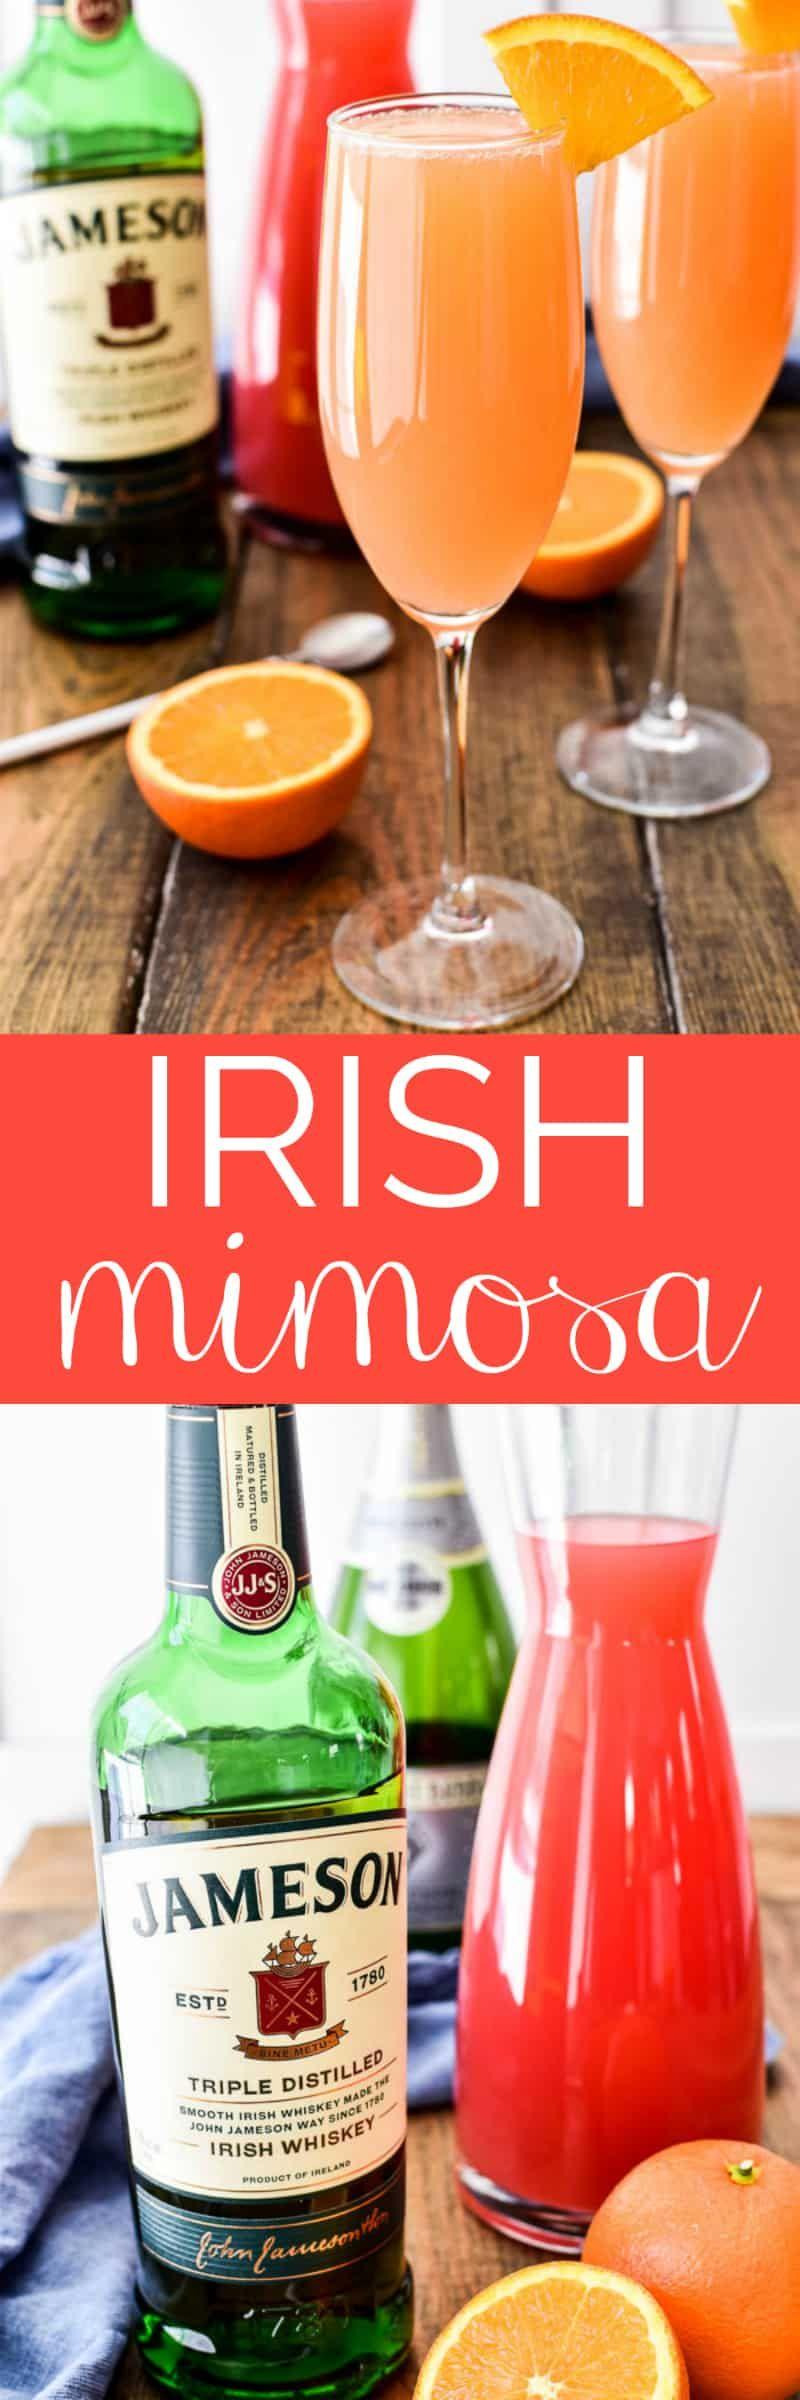 Irish Mimosa Recipe Party Drinks Alcohol Alcoholic Drinks Recipes